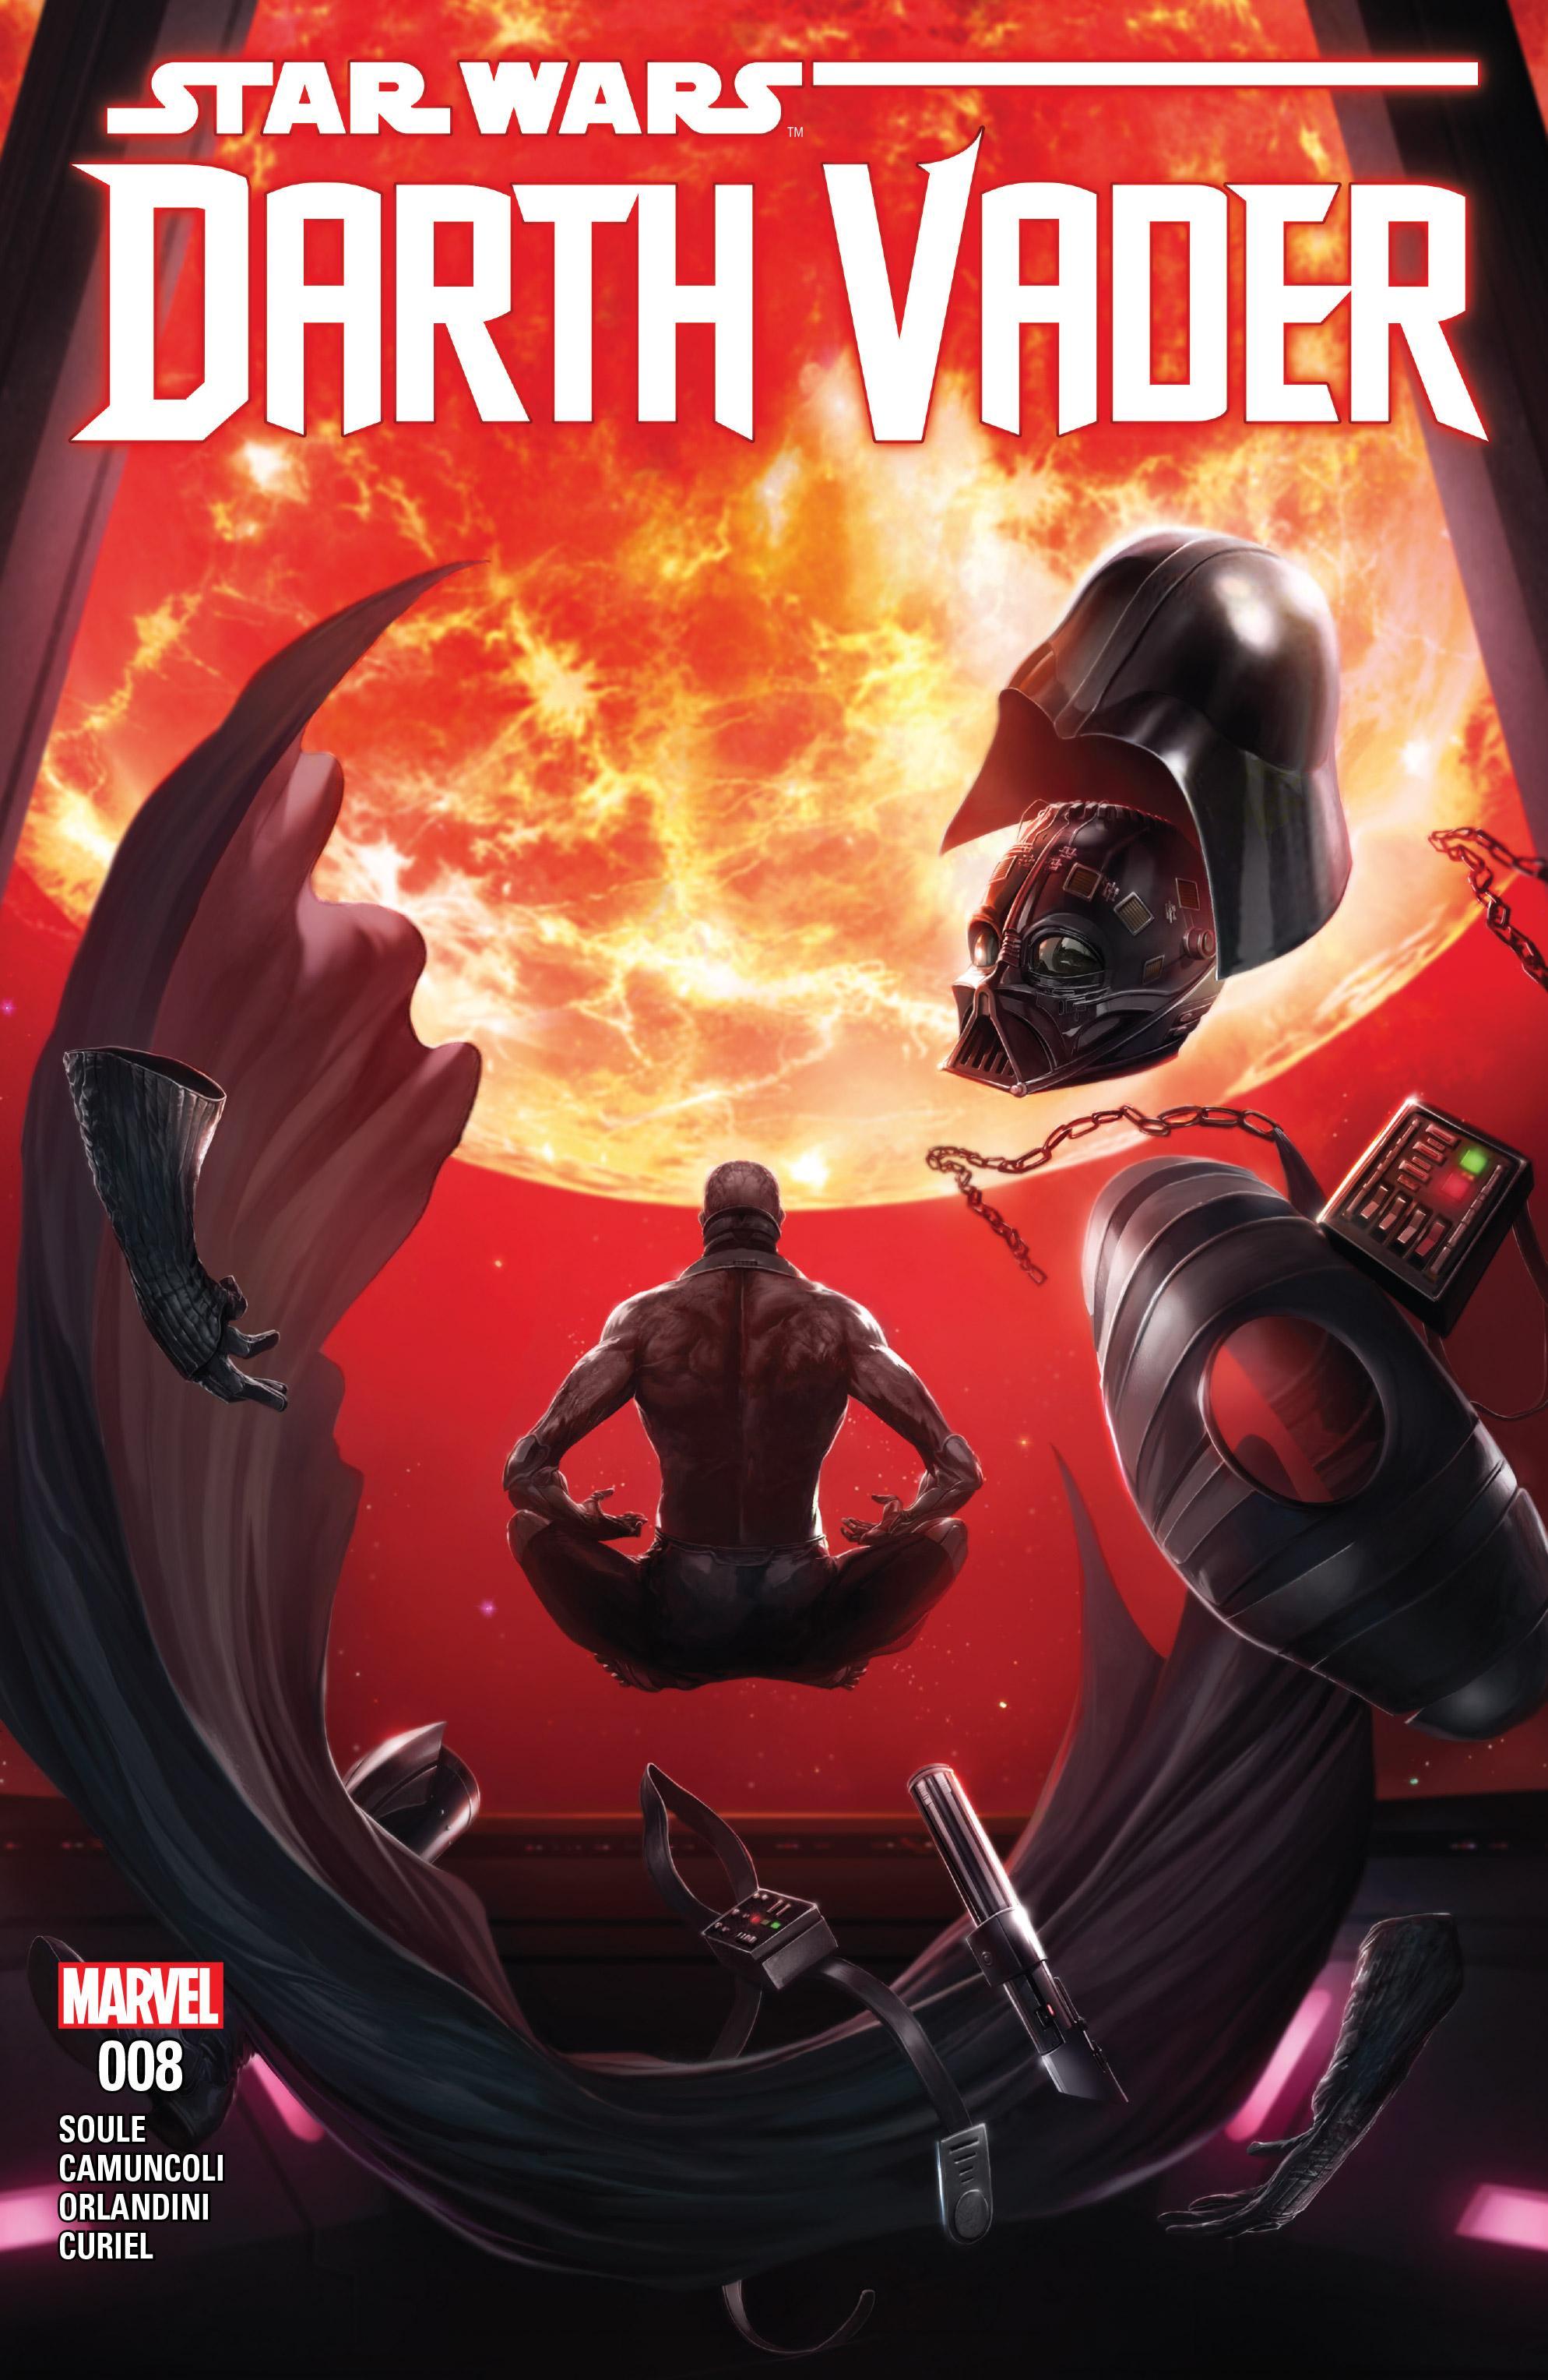 Dark Vador: Seigneur Noir des Sith 8: Les Ténèbres Étouffent la Lumière 2